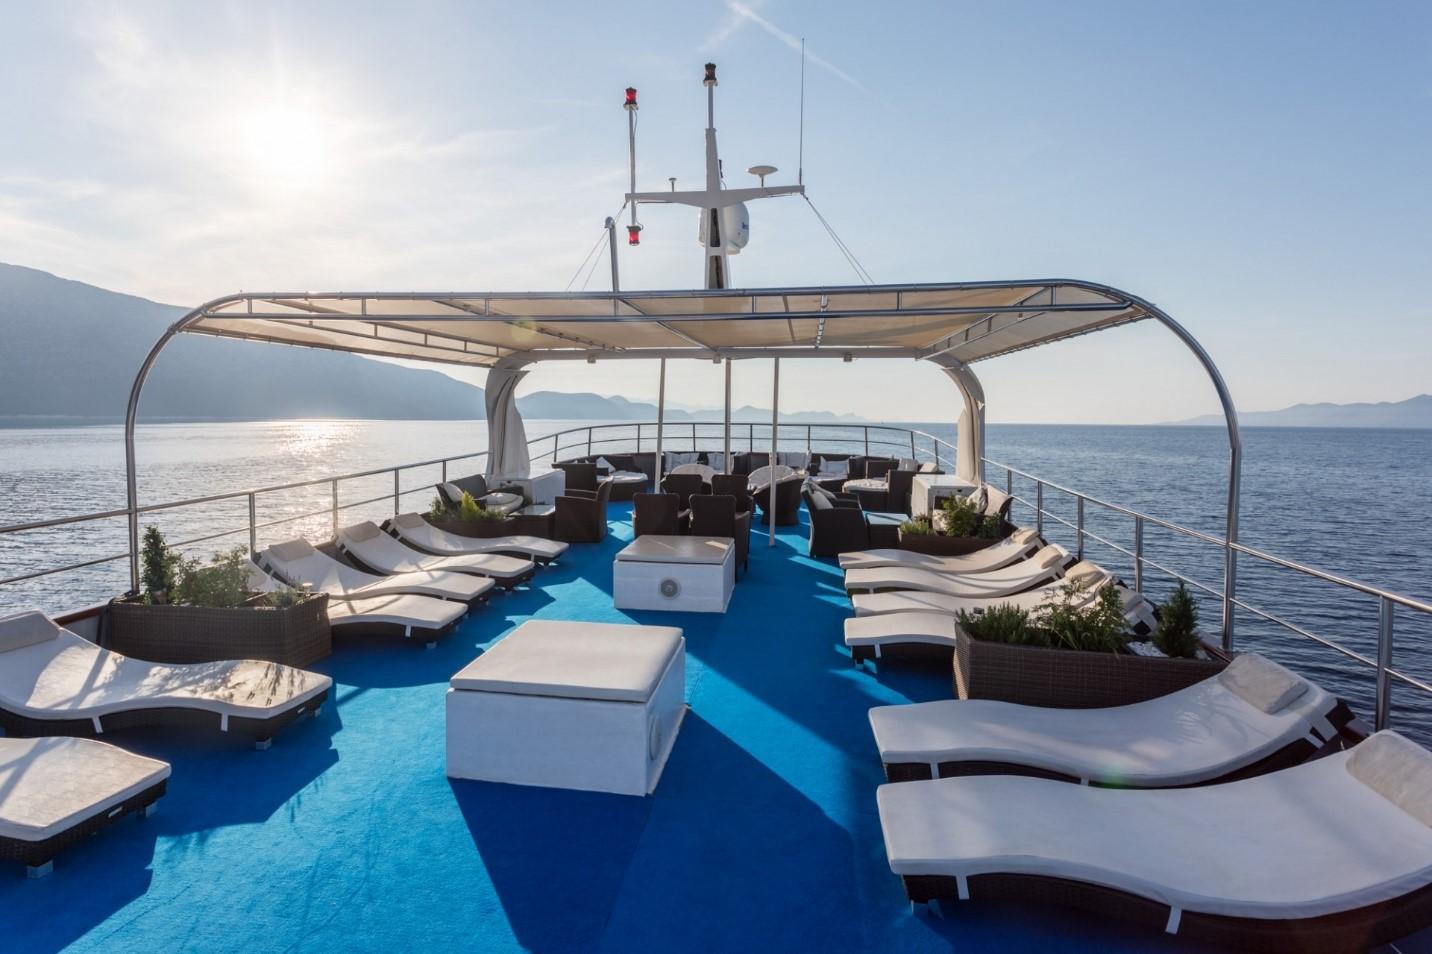 croatia cruise 3.jpg